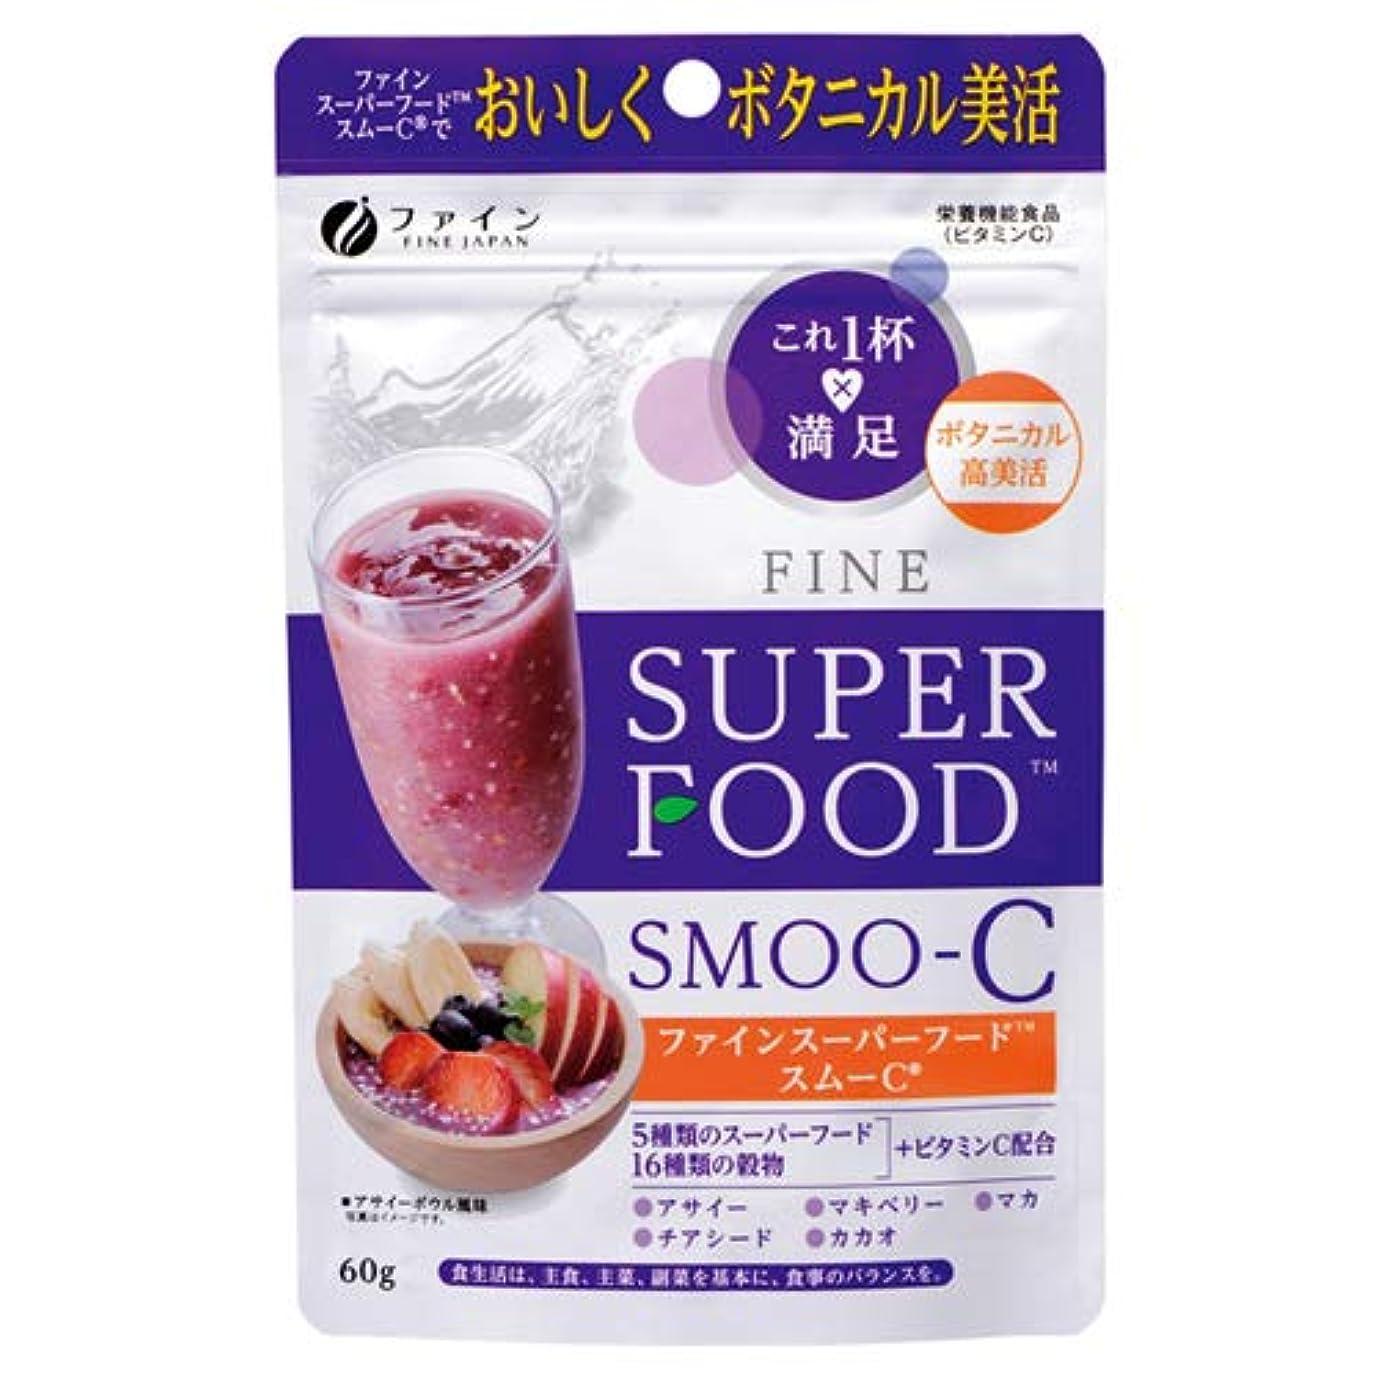 プロトタイプ嵐囲まれたファイン スーパーフード スムーC 60g 【50袋組】